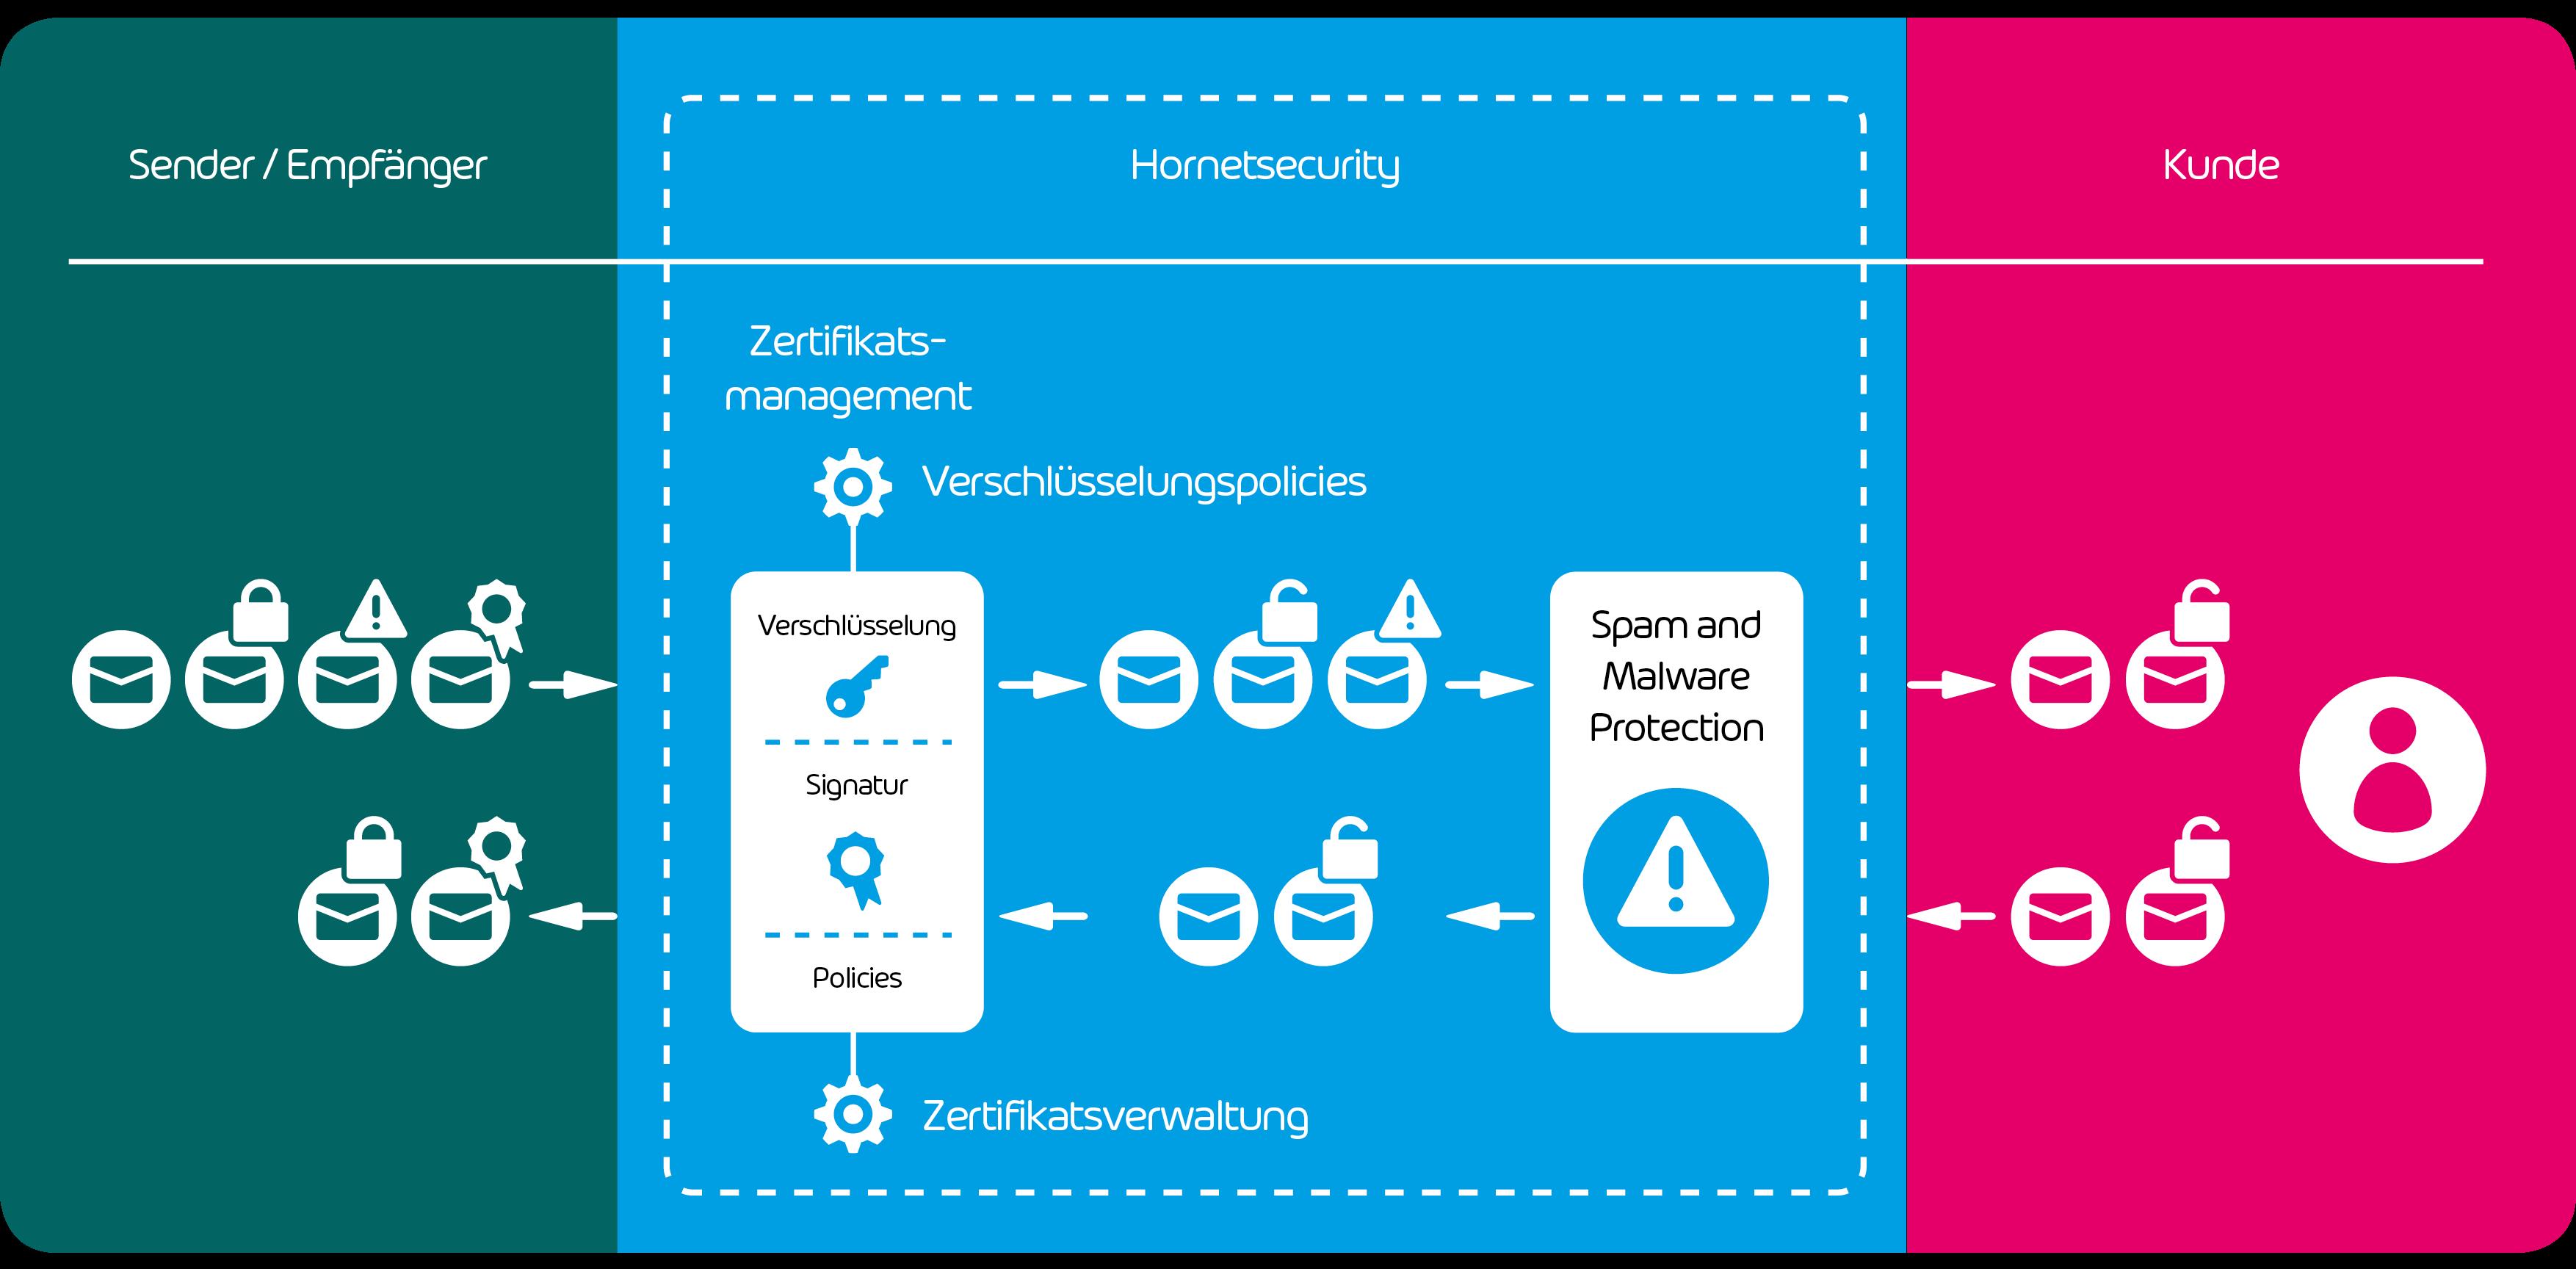 Eine Ansicht zur Funktionsweise der E-Mail Verschlüsselung von Hornetsecurity.